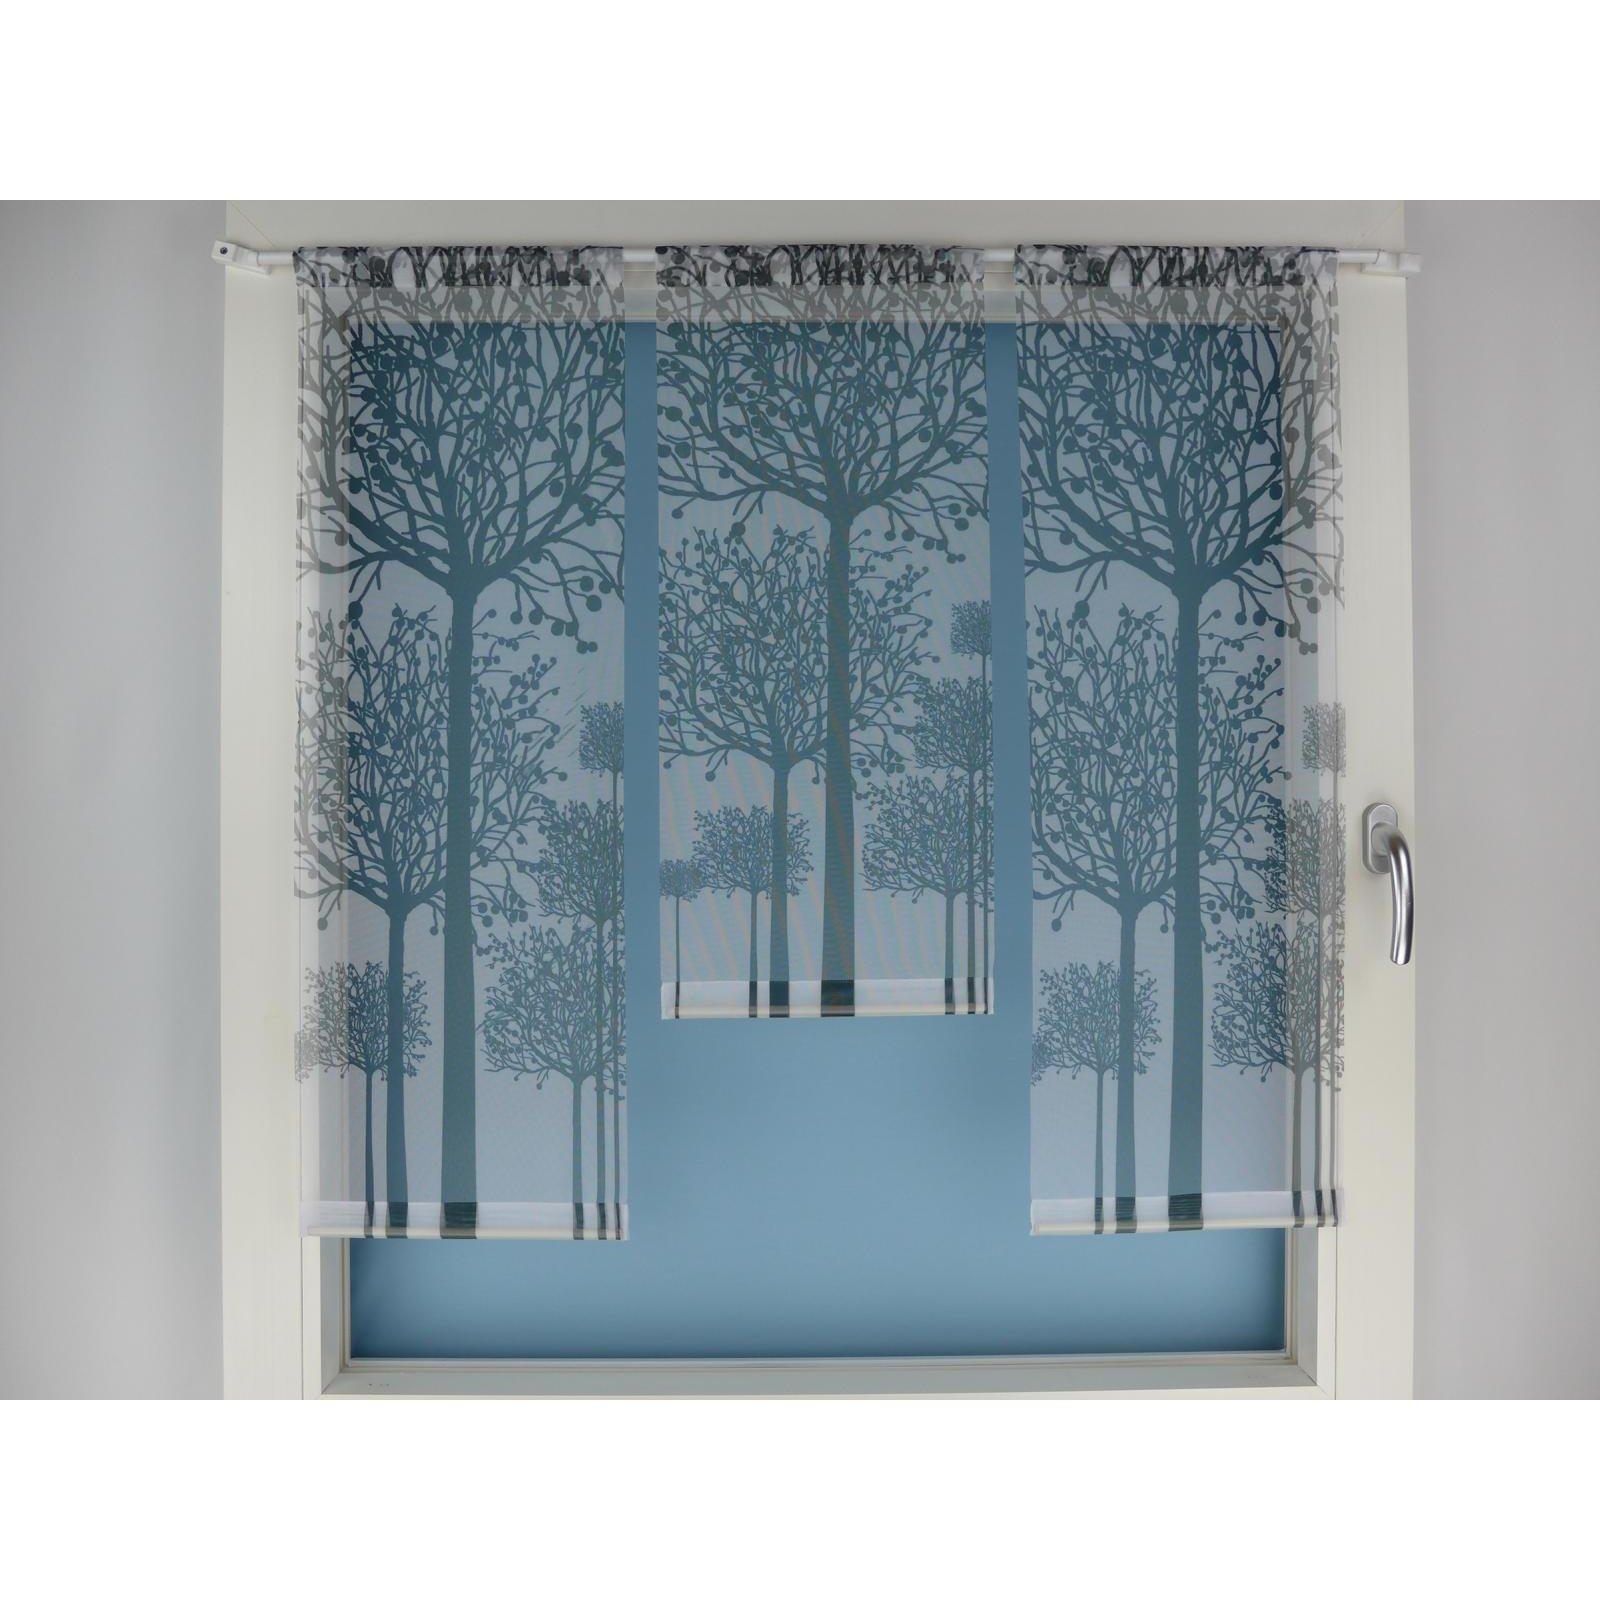 minifl chen set wei schwarz mit b ume. Black Bedroom Furniture Sets. Home Design Ideas